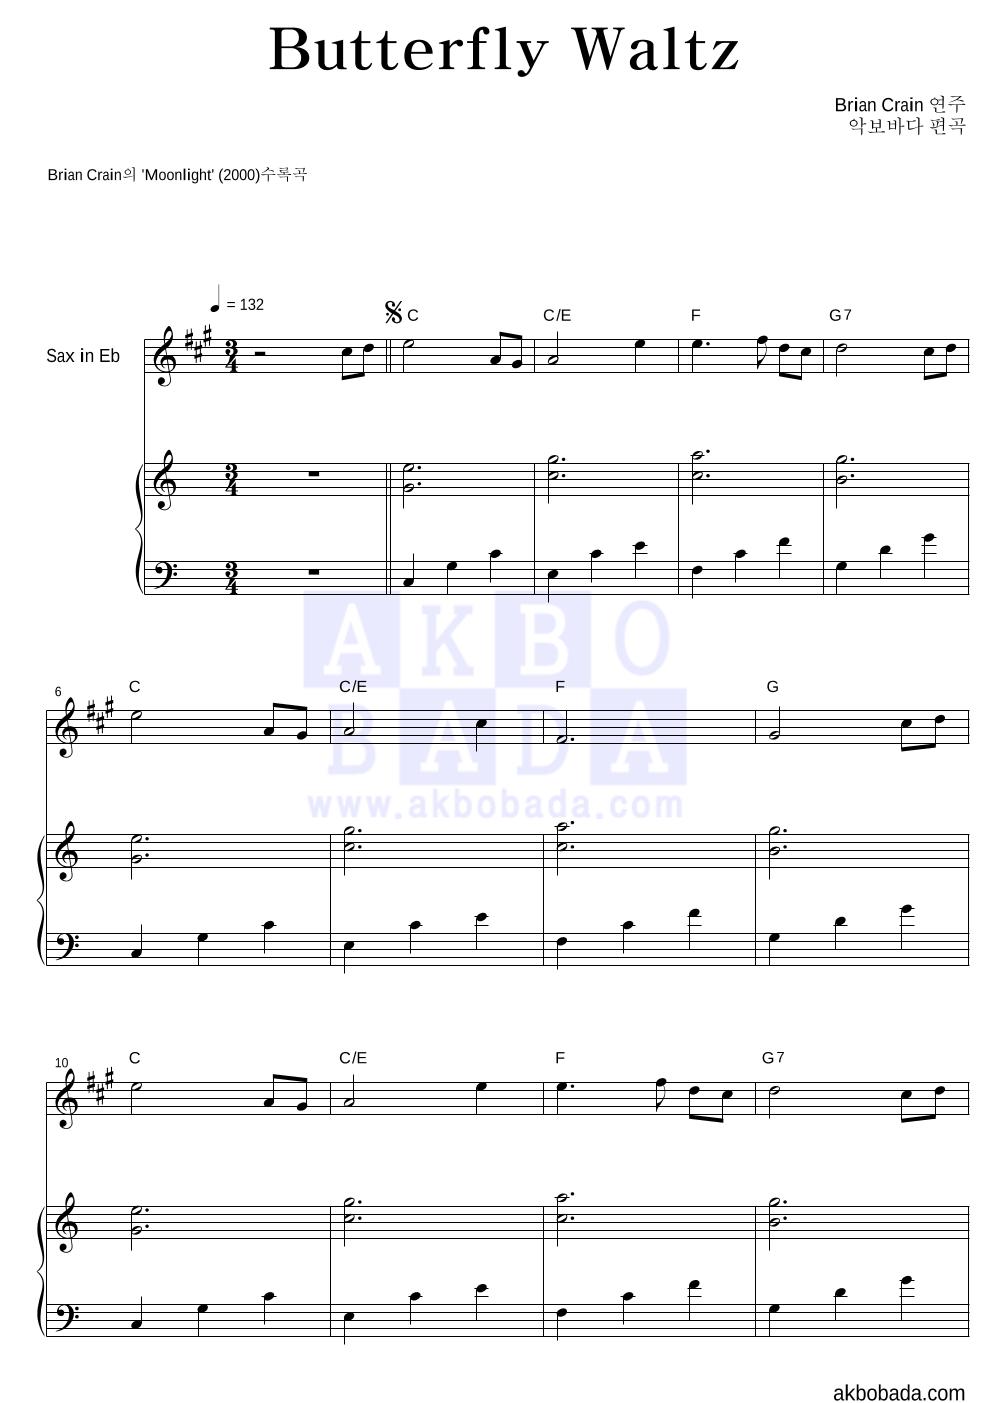 Brian Crain - Butterfly Waltz Eb색소폰&피아노 악보